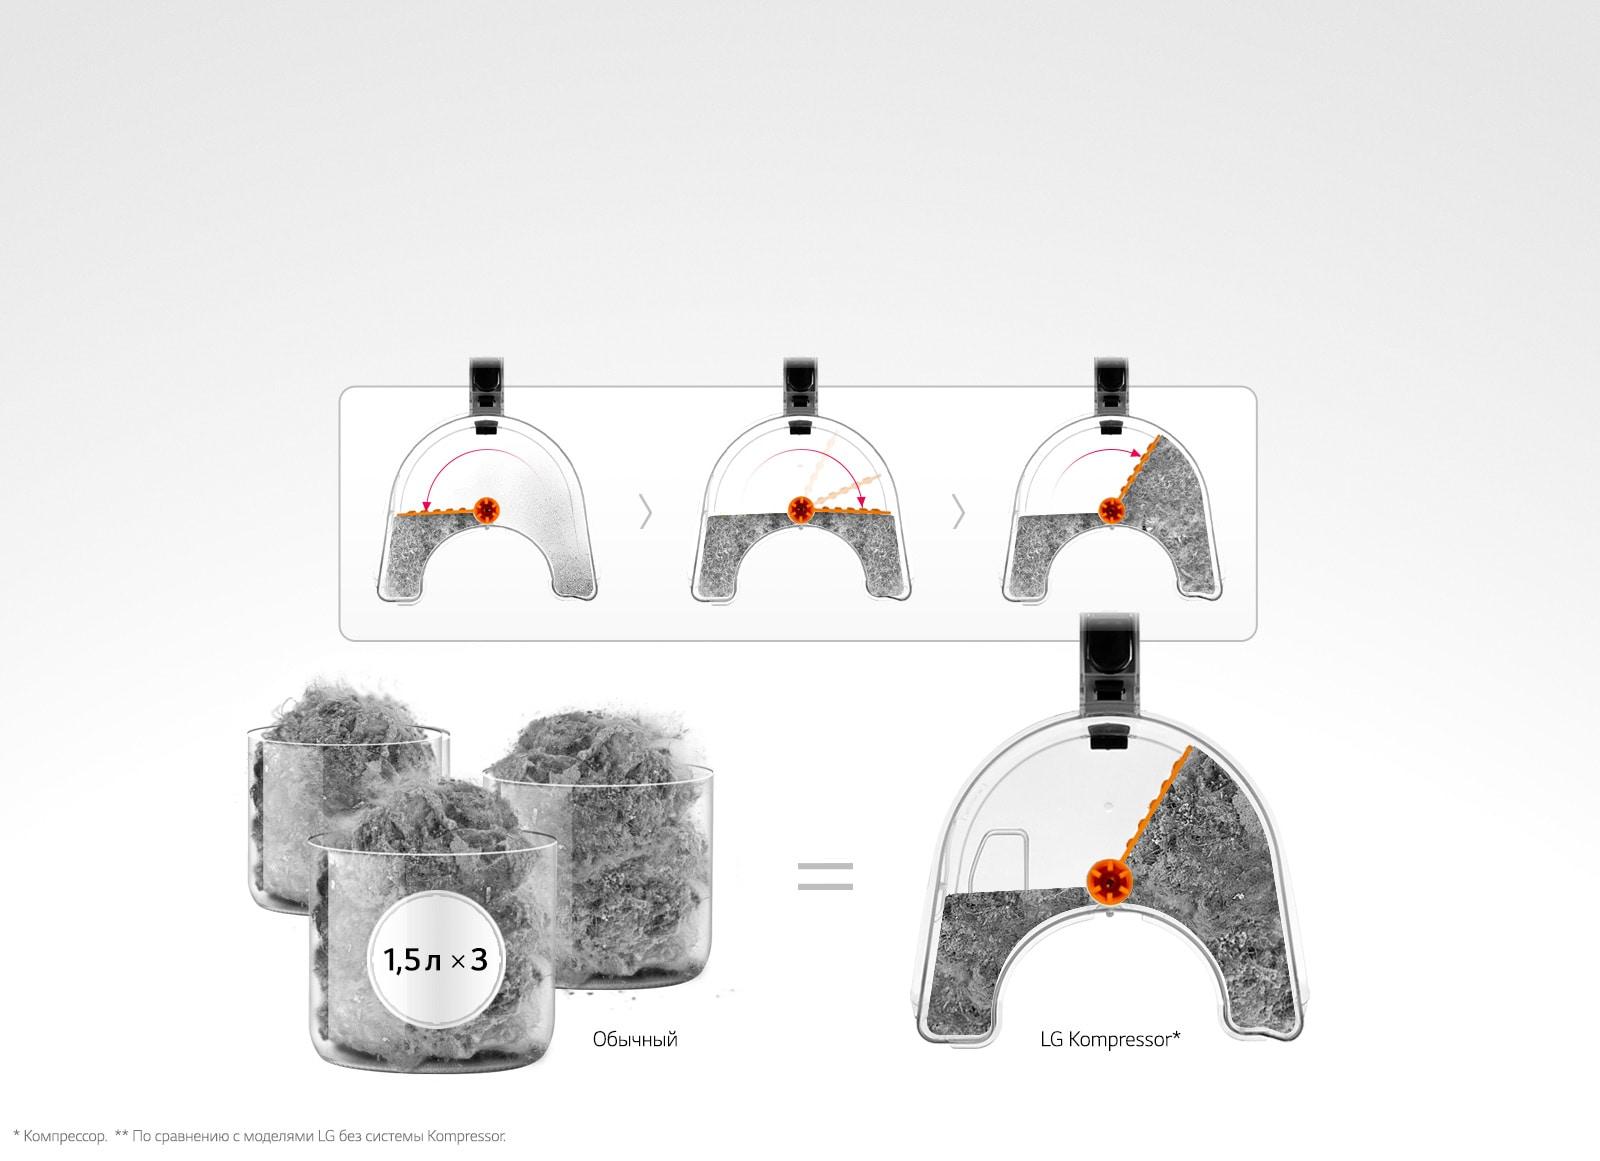 Kompressor* — тройное спрессовывание пыли